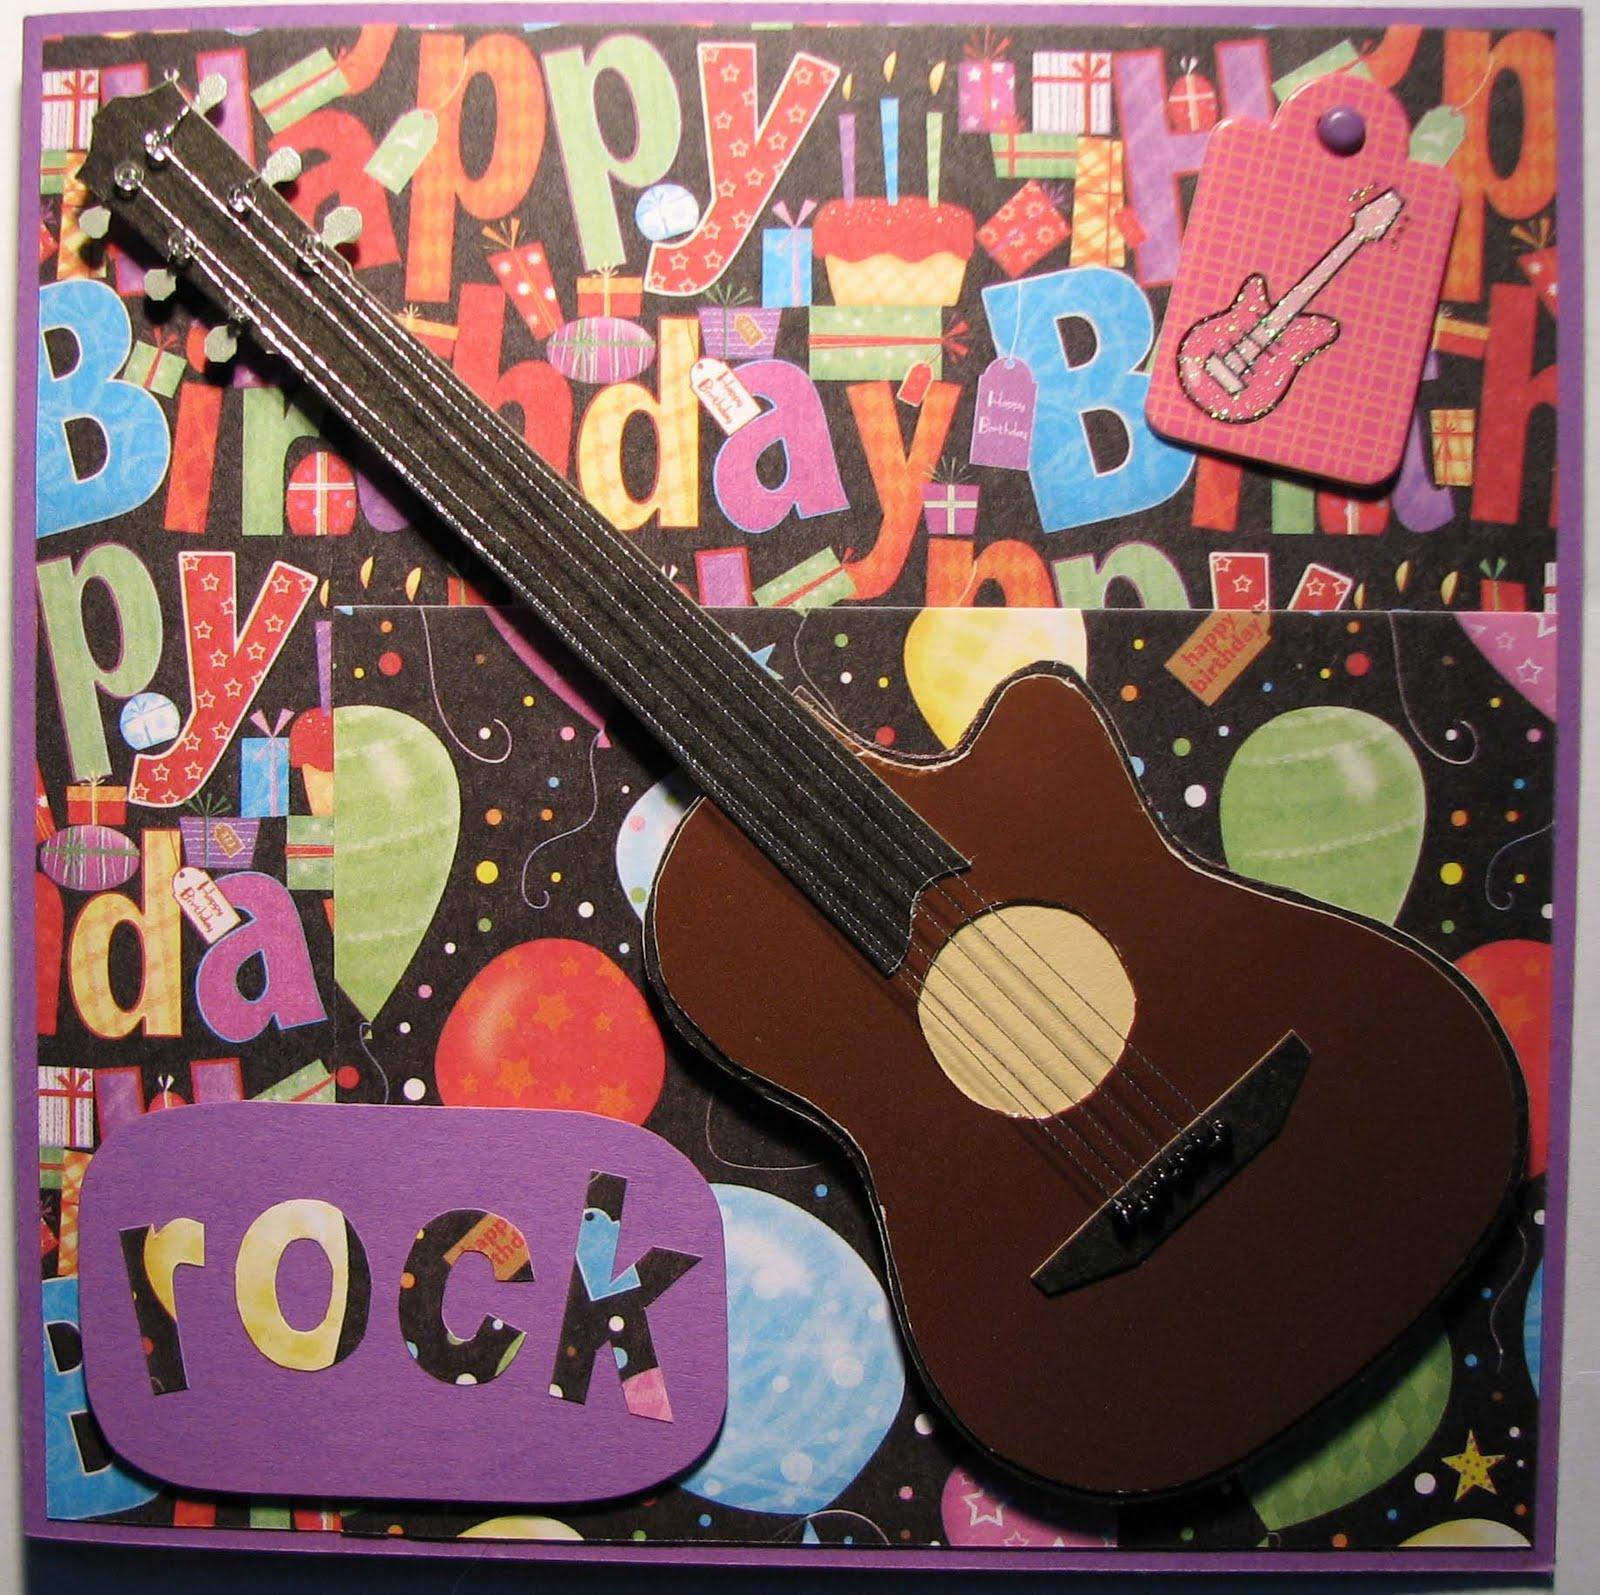 Поздравление с днем рождения музыканту трубачу 38